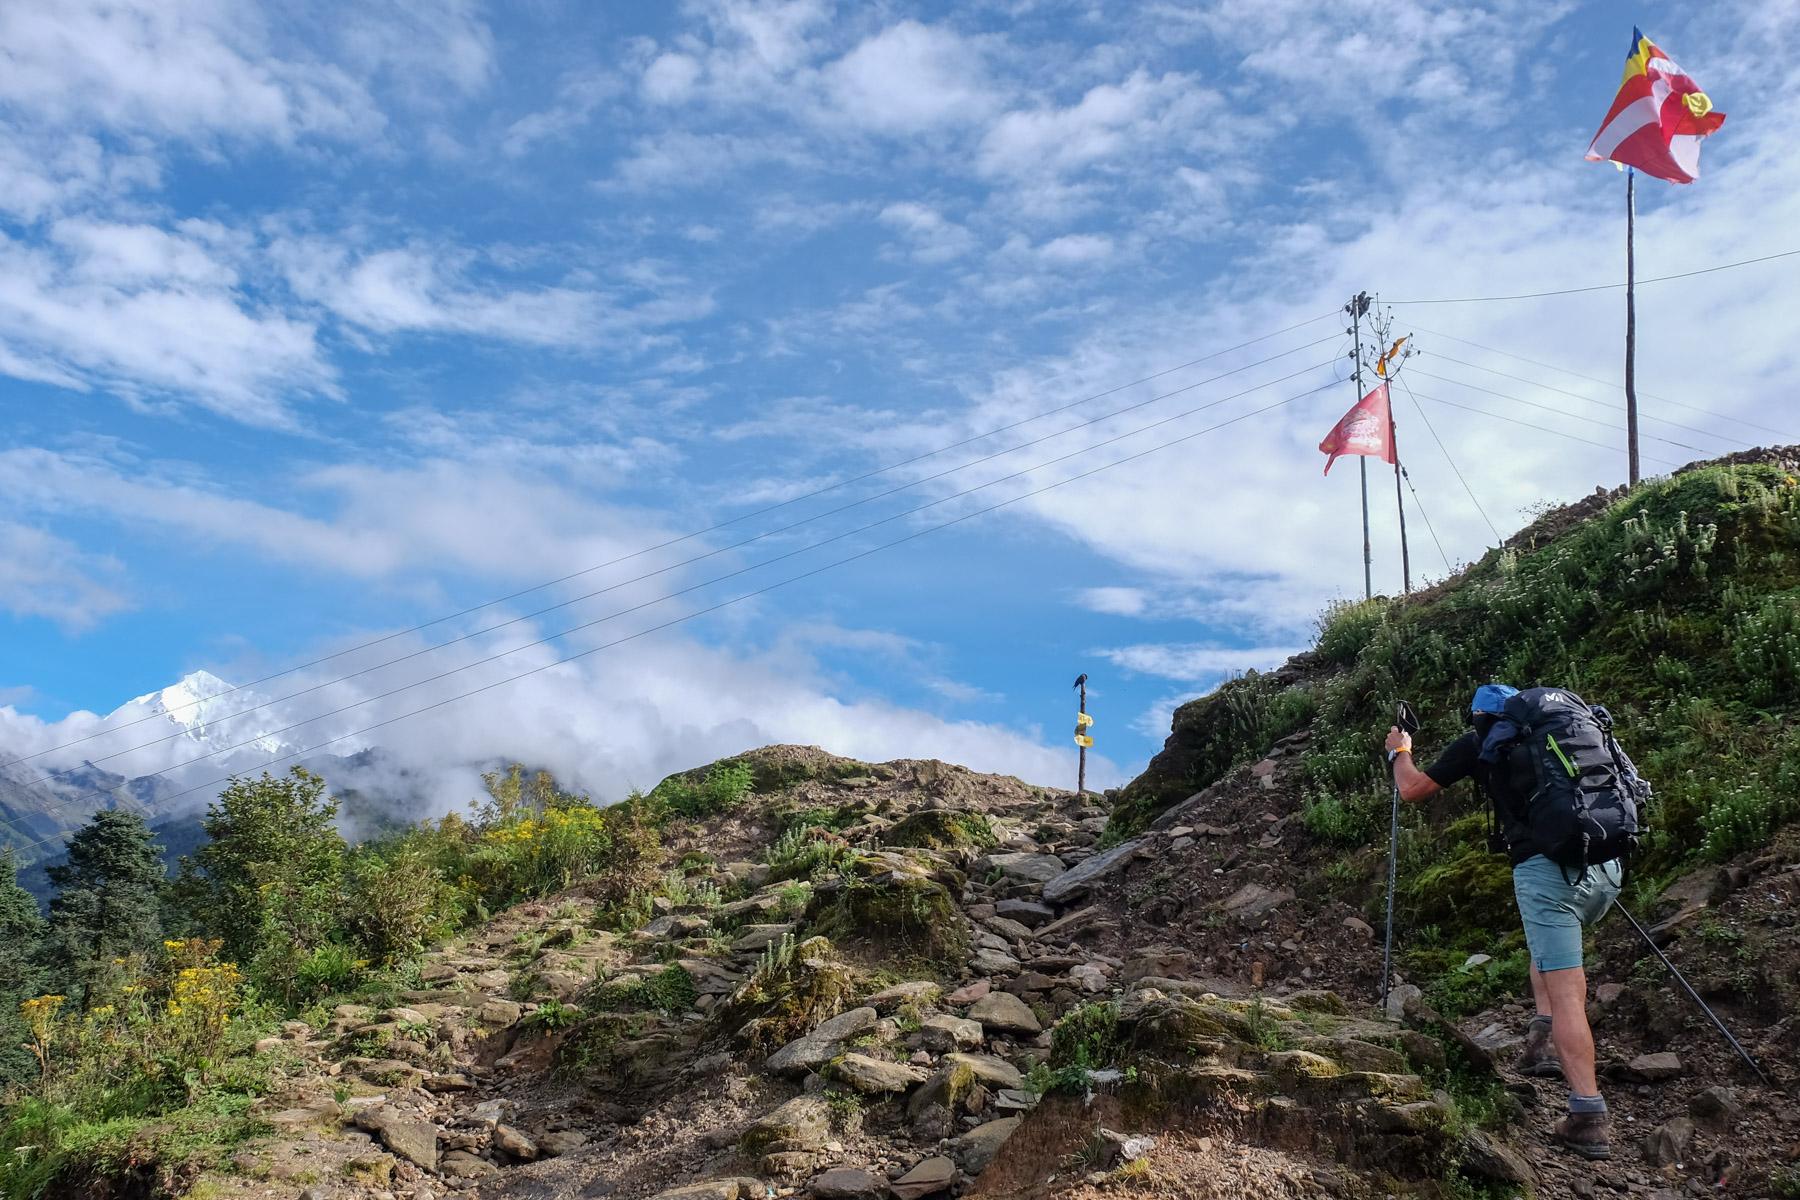 Route du Khumbu, Everest 3 pass #1 7